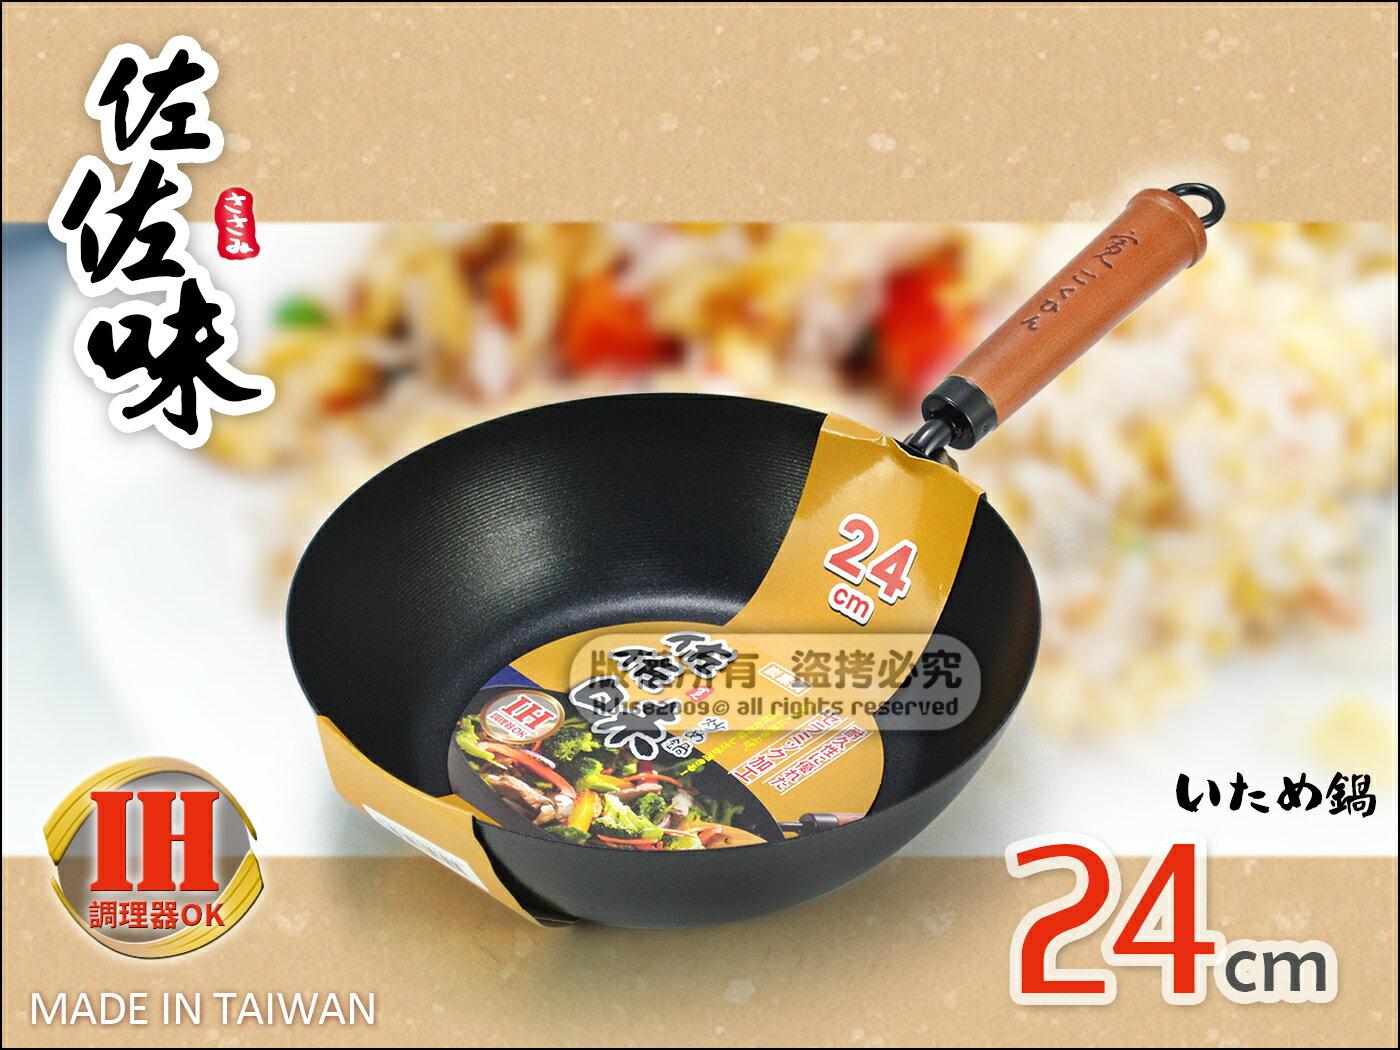 快樂屋♪ 台灣製 佐佐味 0746 【日本三層陶瓷不沾】深炒鍋 24cm 櫸木柄碳鋼鍋